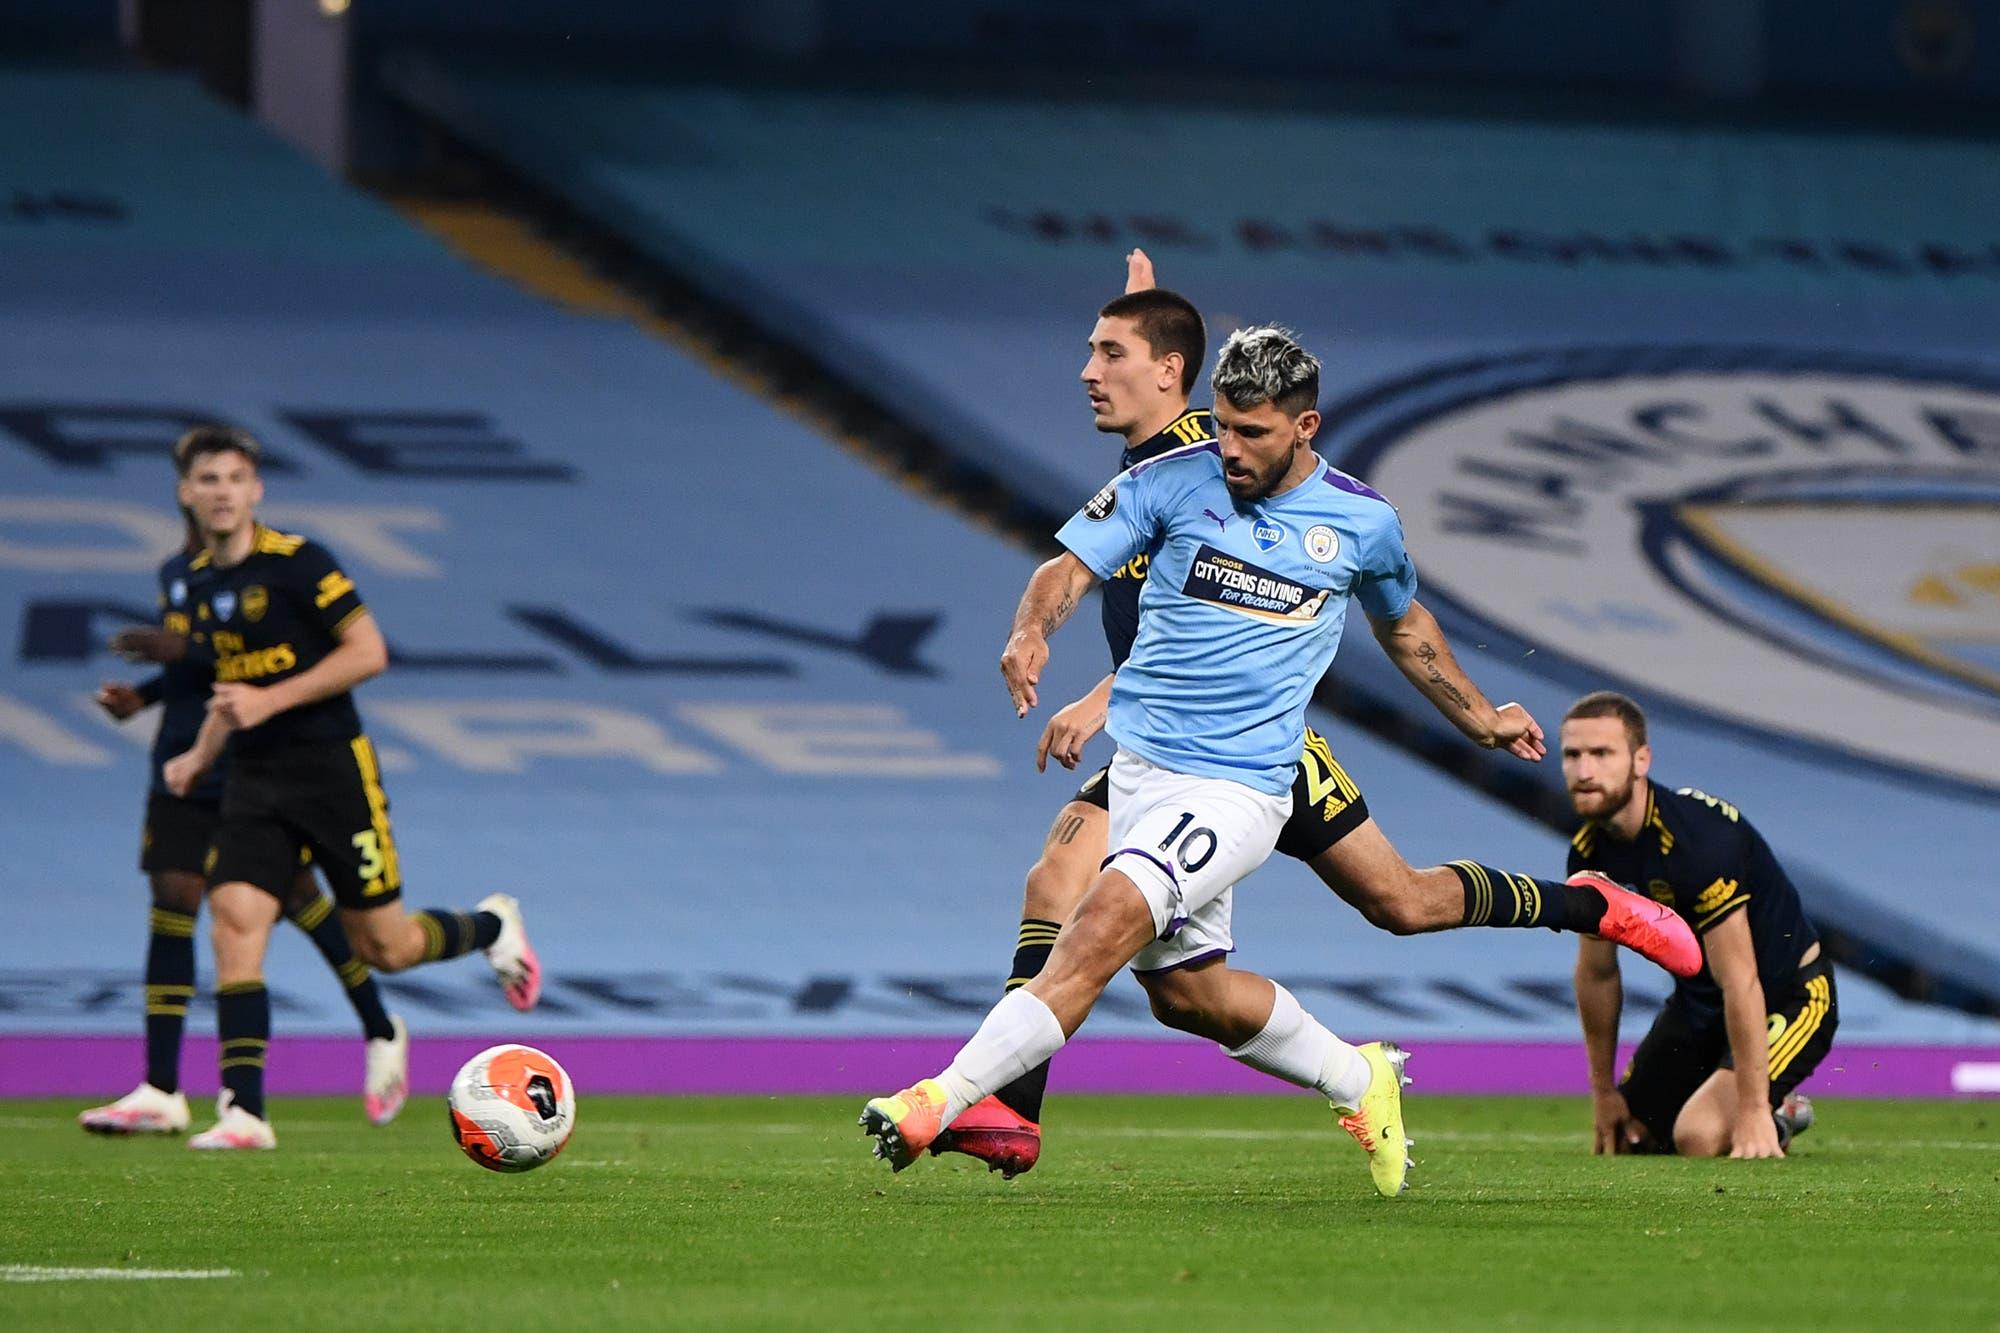 Manchester City-Aston Villa, Premier League: Agüero y Guardiola en busca del título perdido